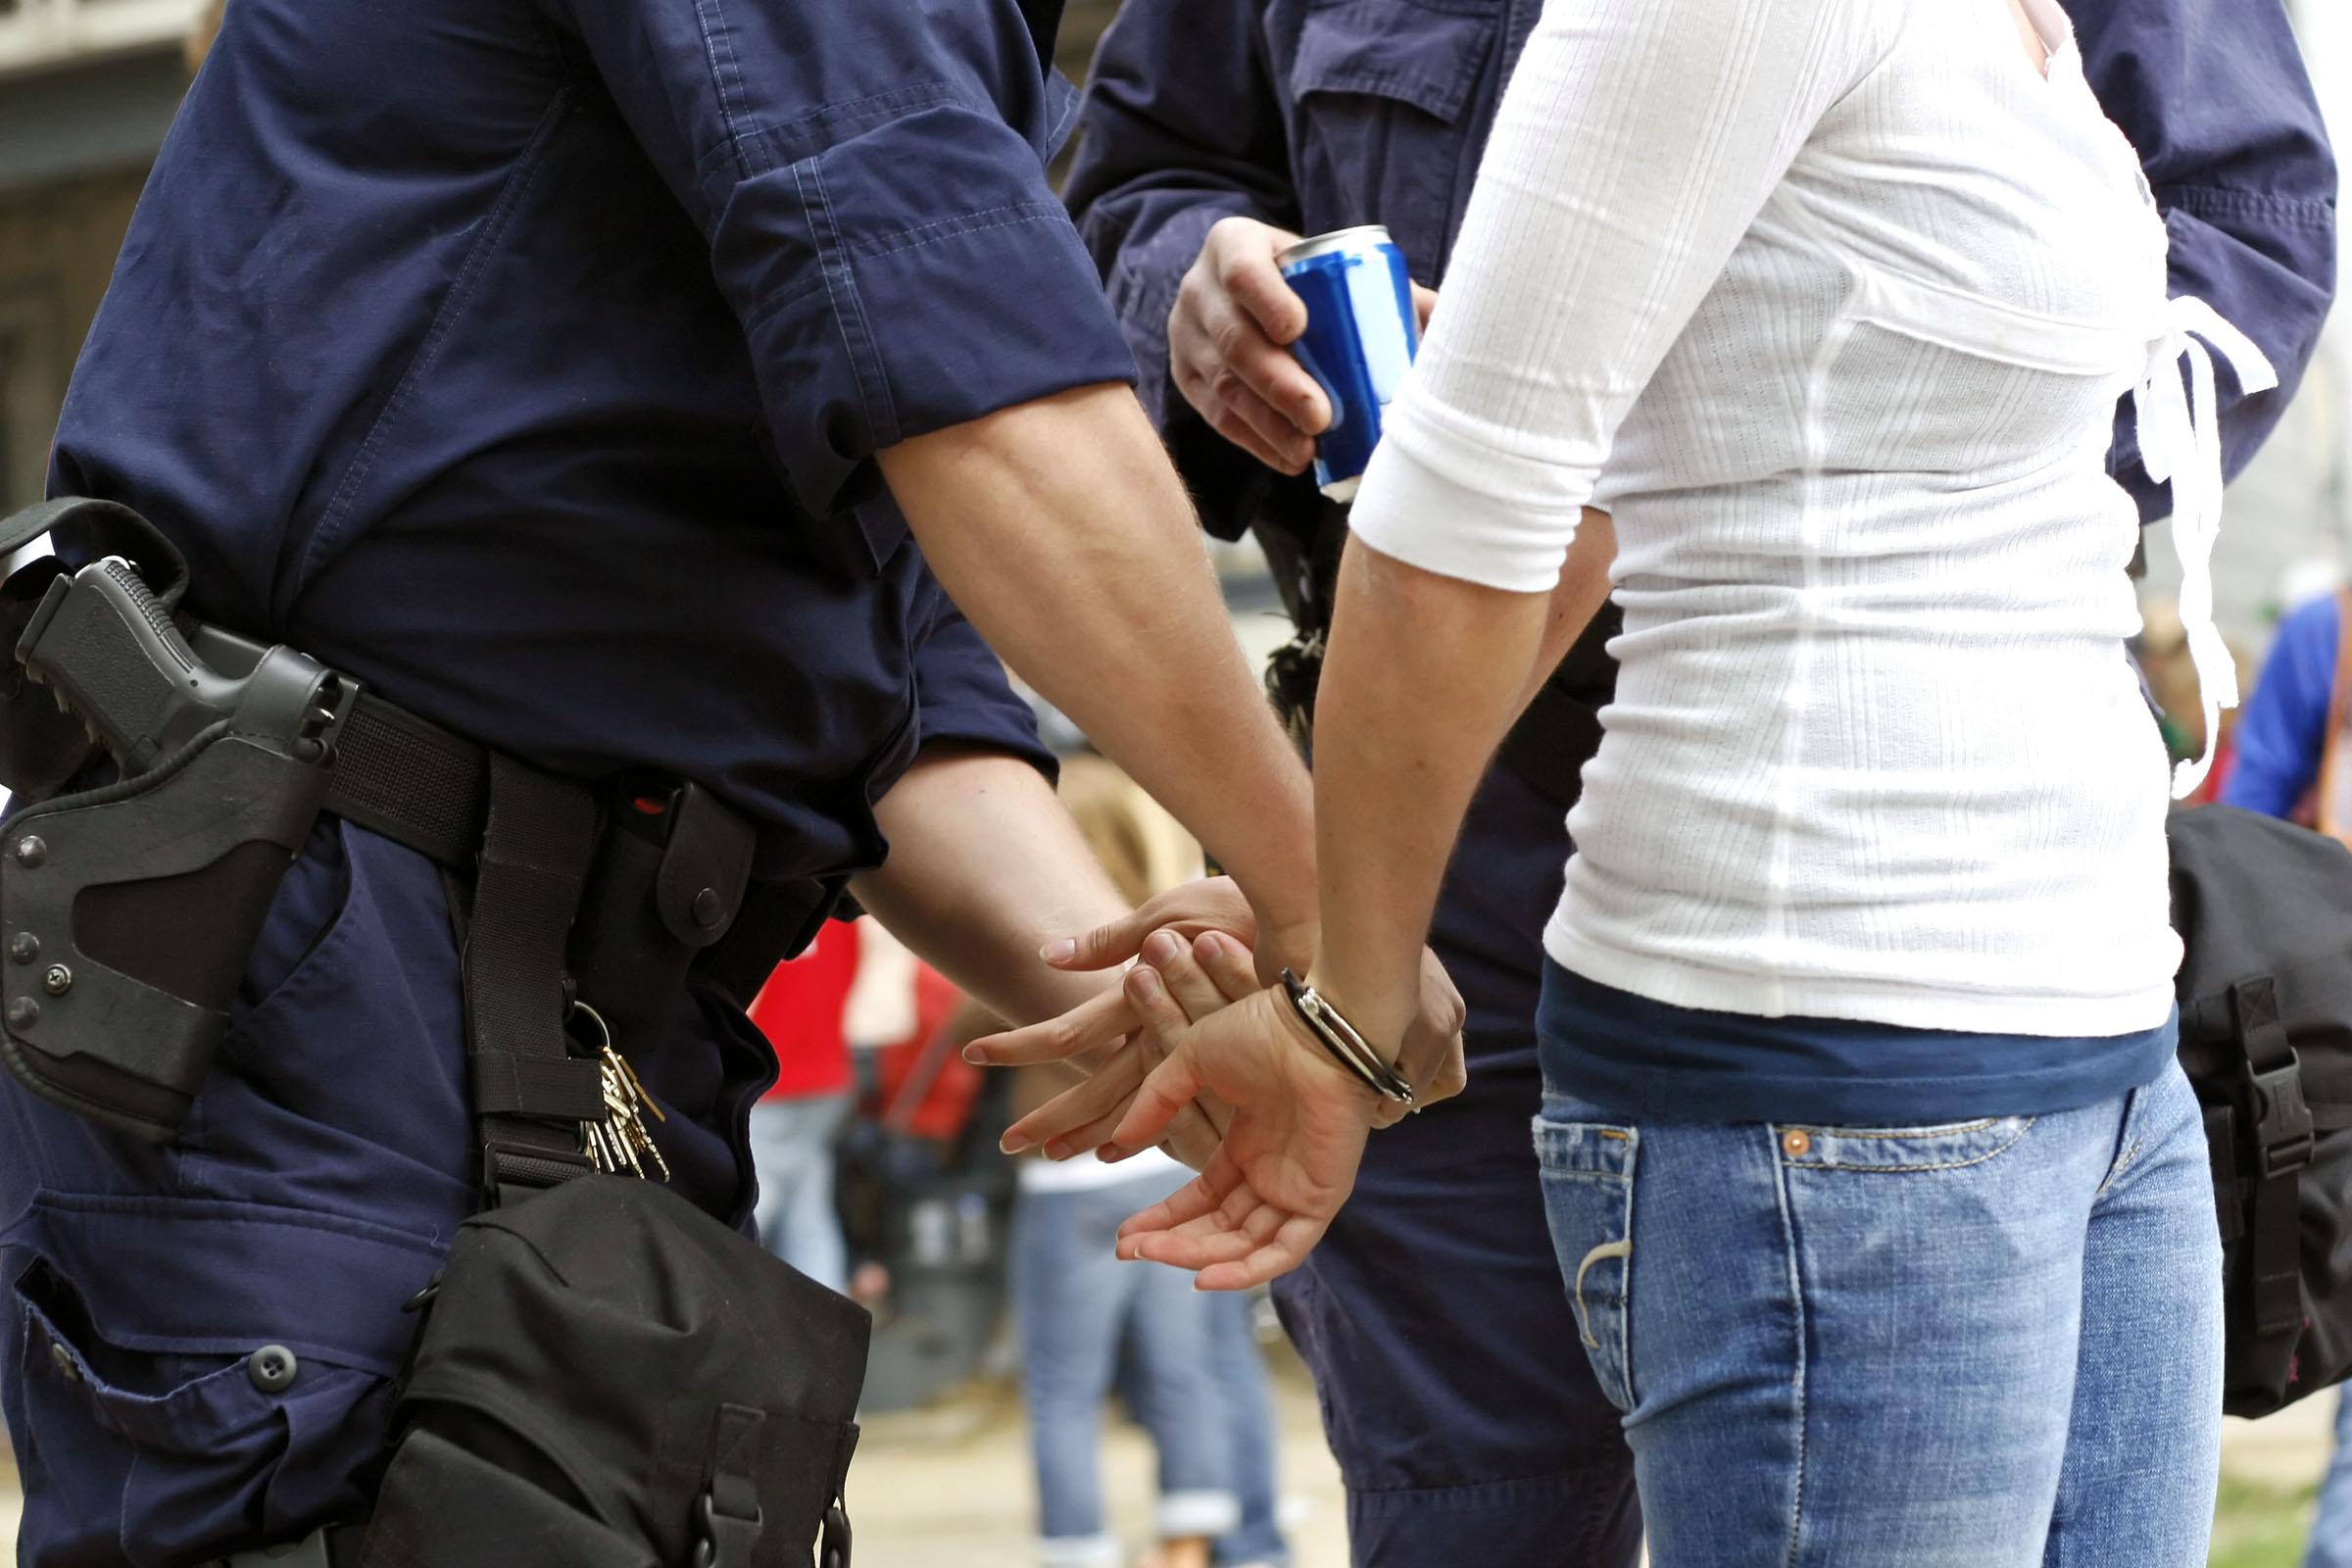 Θεσσαλονίκη: Τέσσερις συλλήψεις για εμπόριο κοκαΐνης και κάνναβης ...